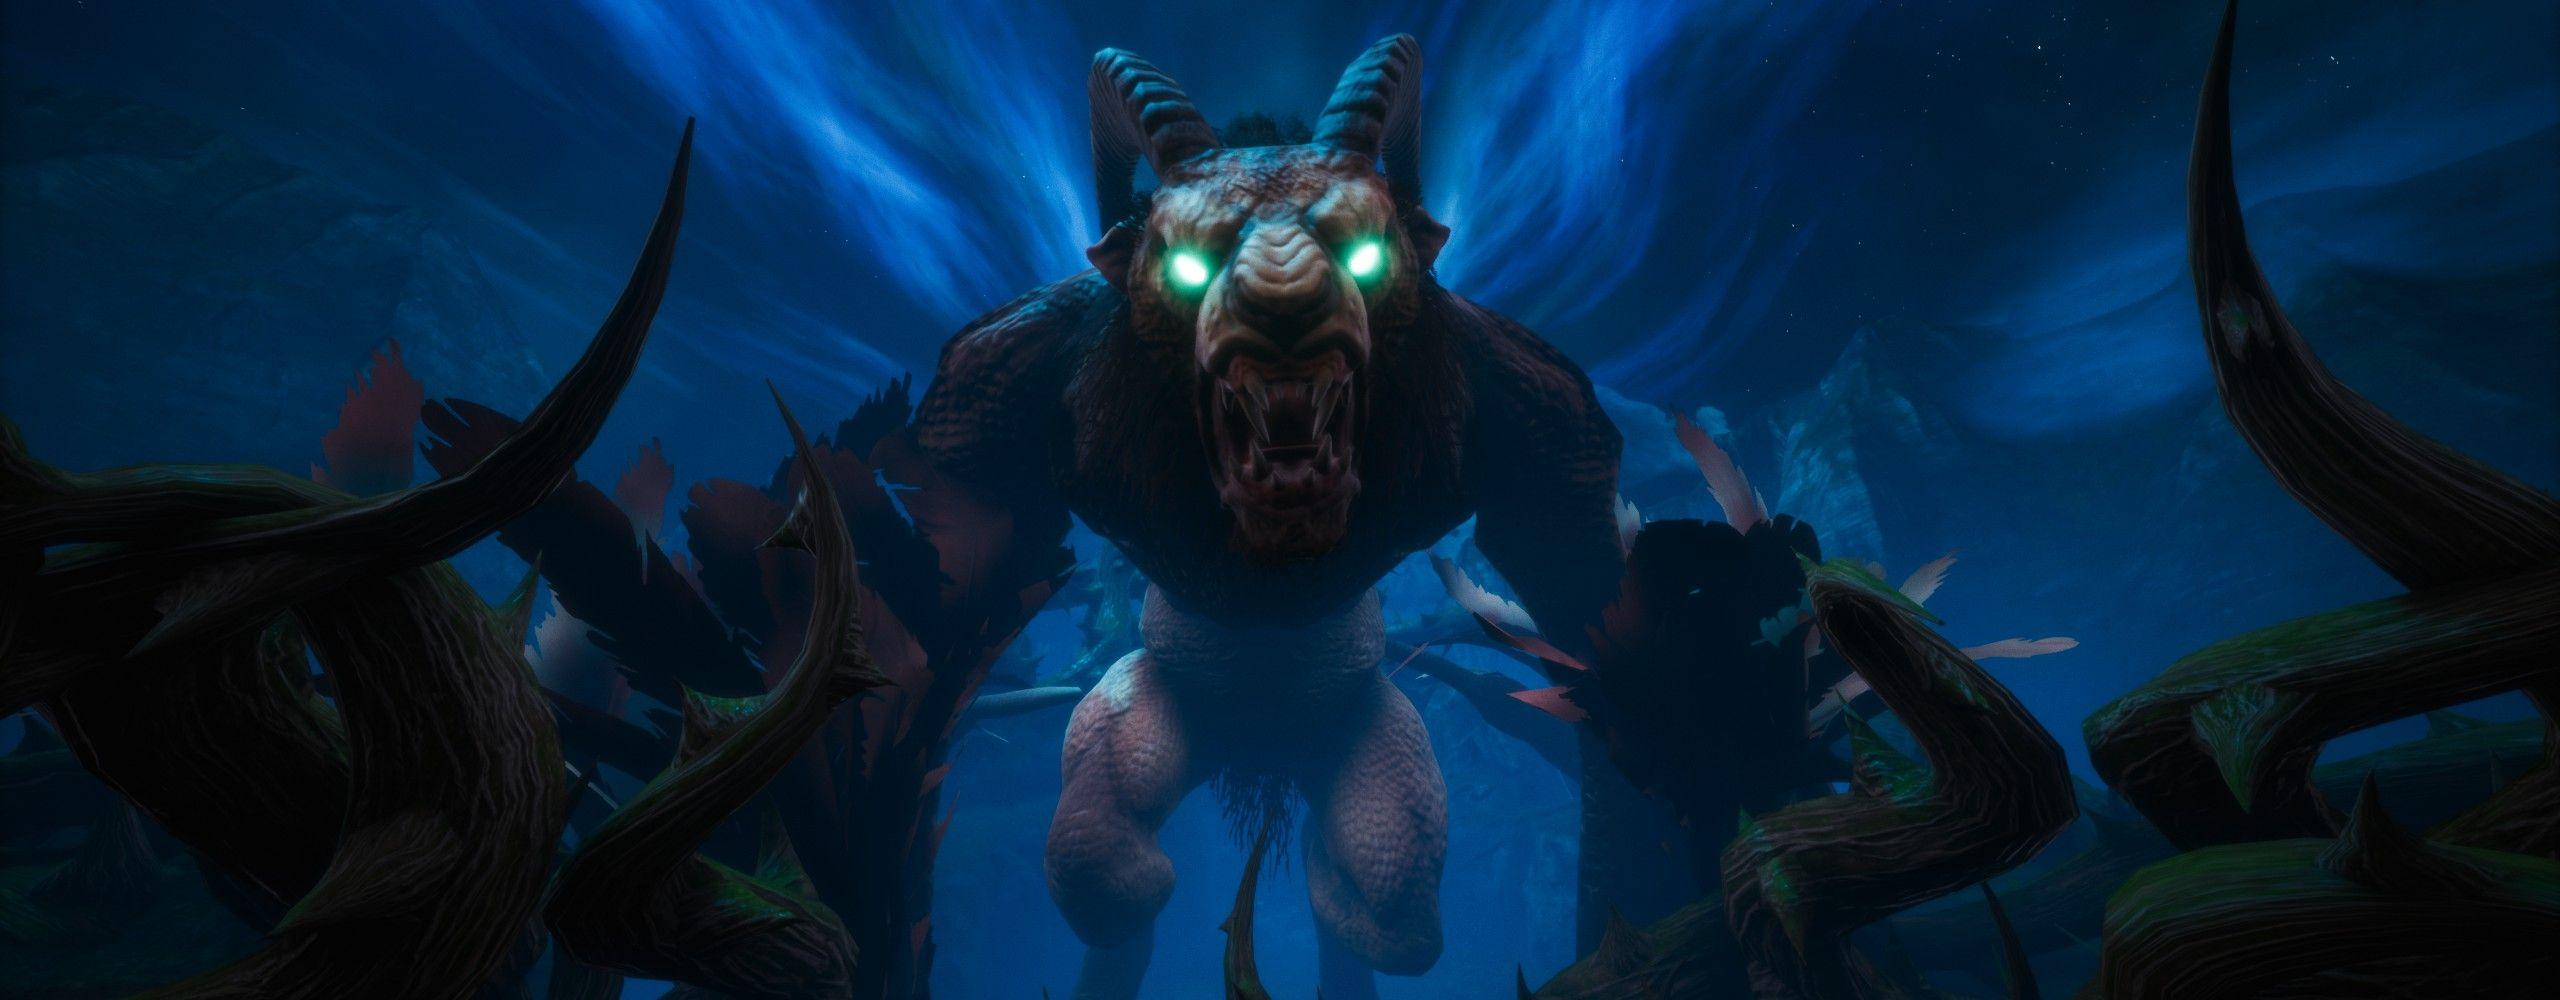 Conan Exiles: Update bringt Gott und Super-Dungeon, aber Pets fehlen